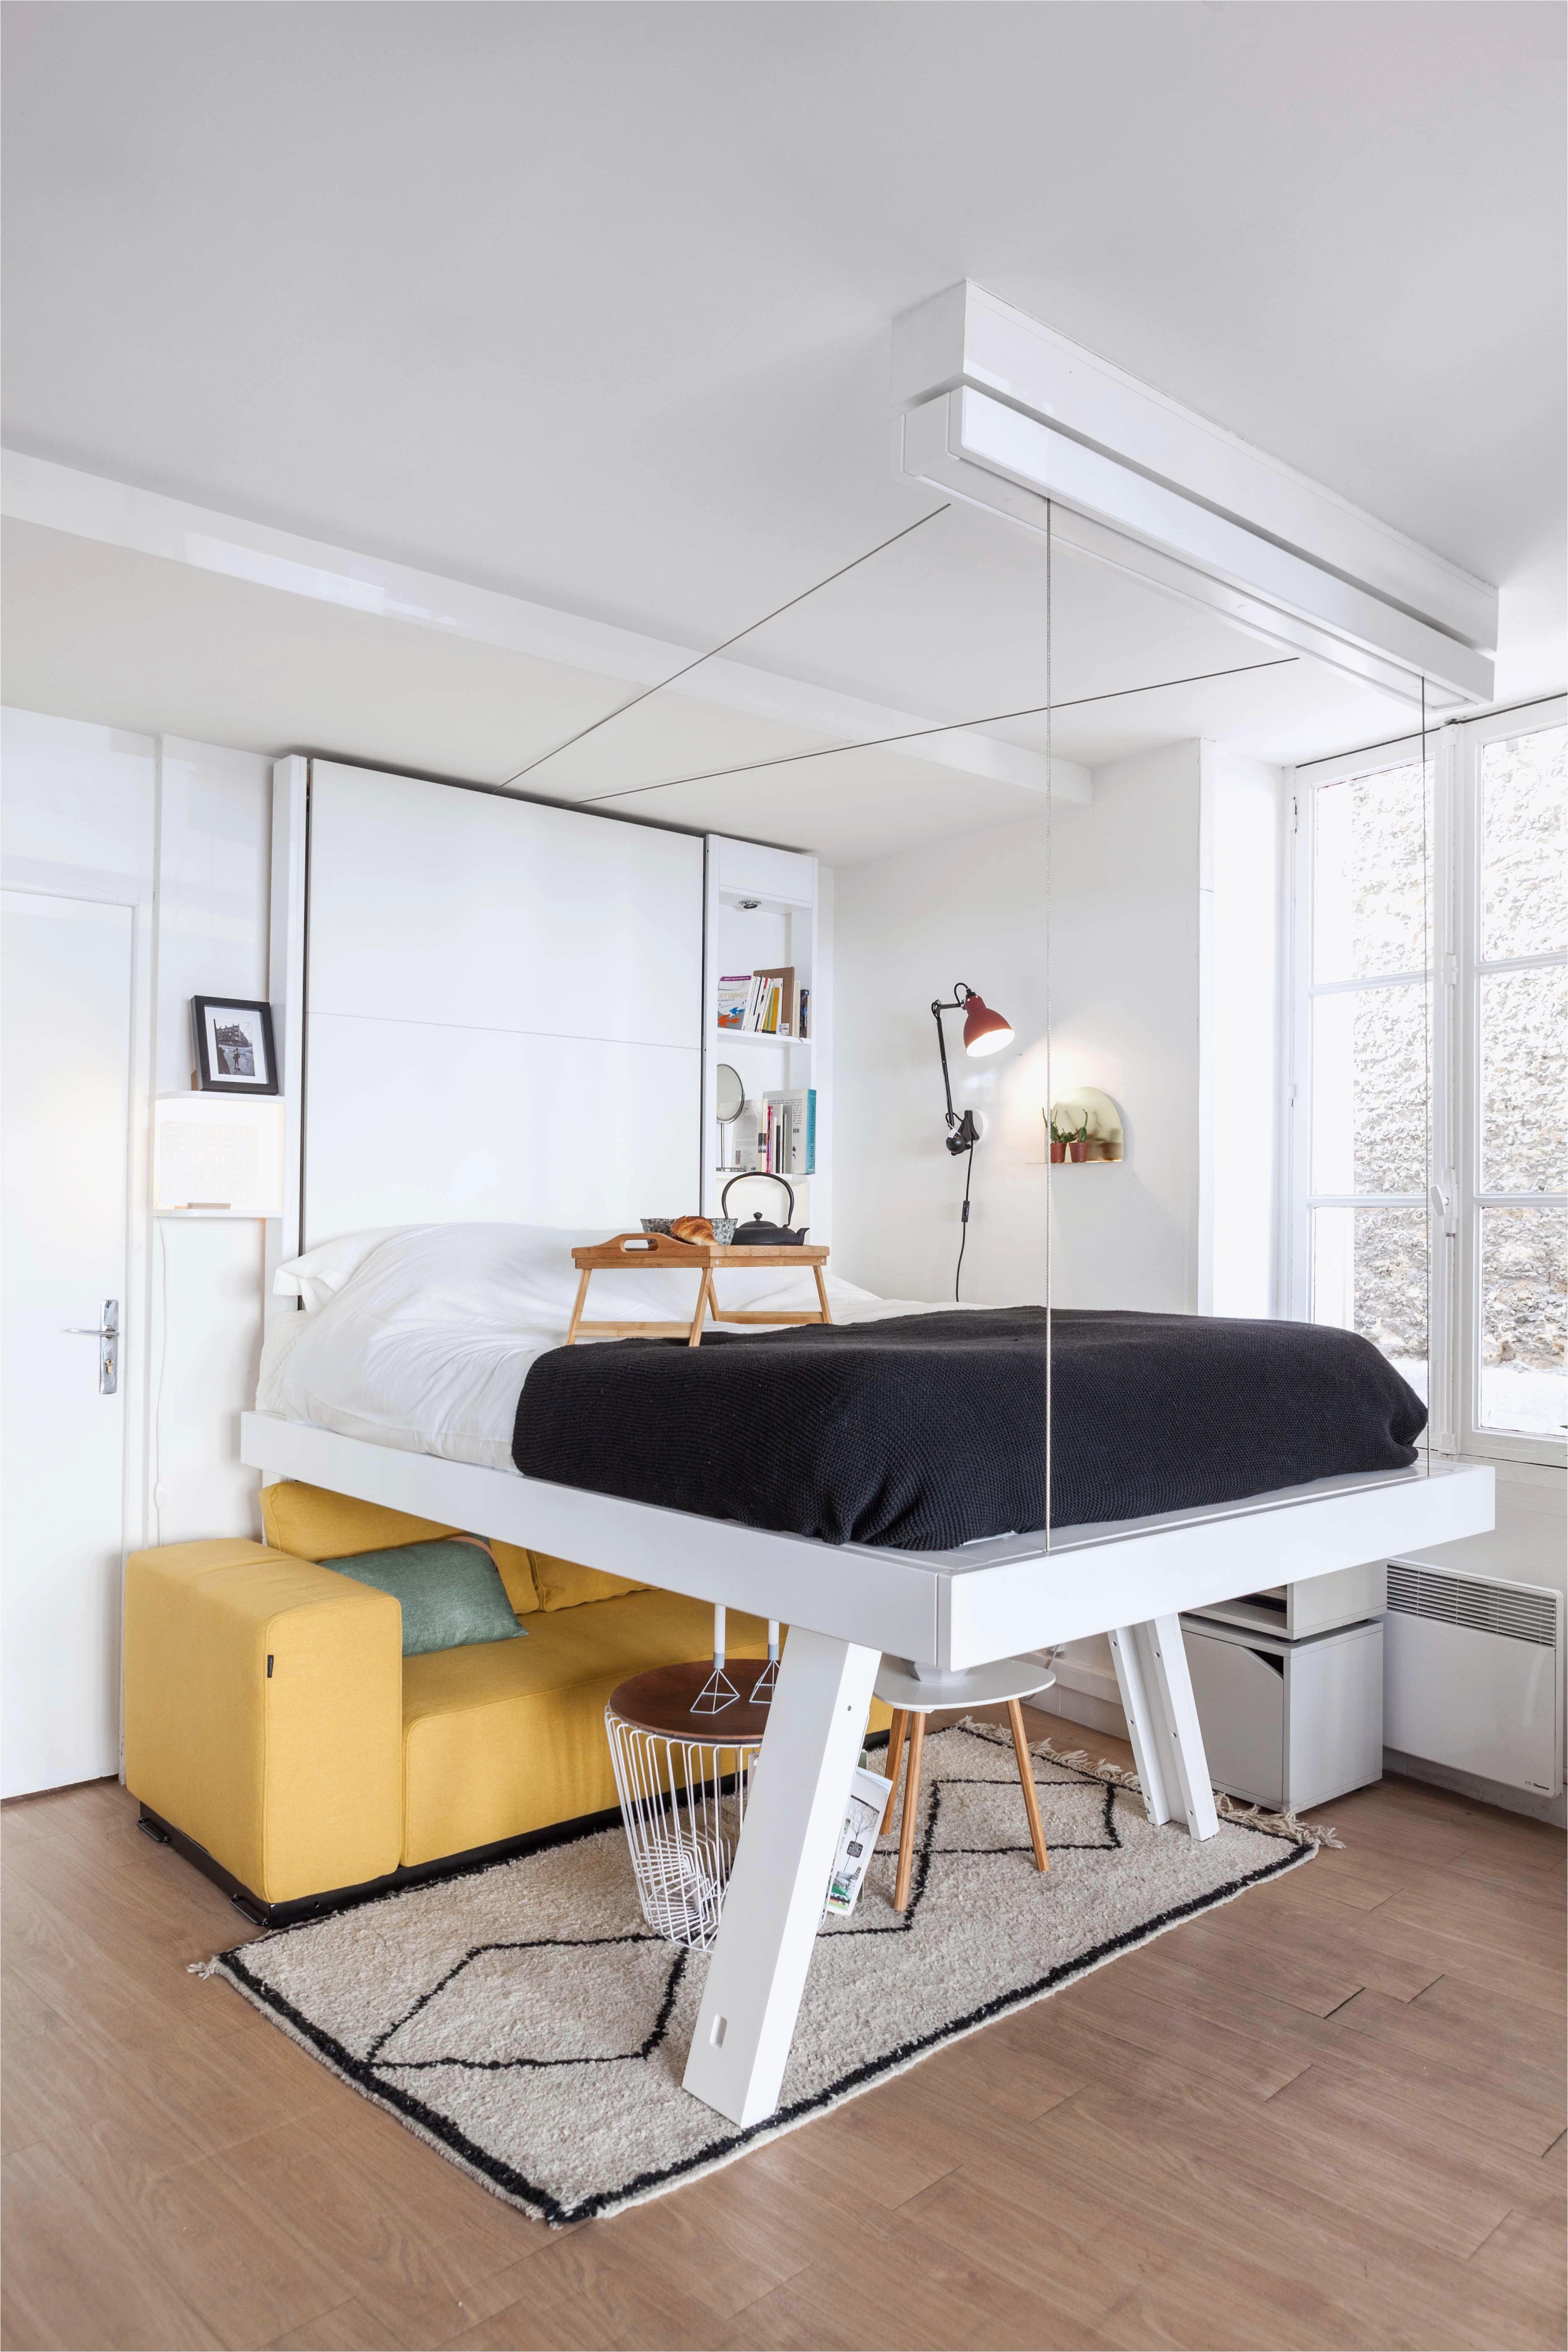 Cheval En Bois Ikea Nouveau Image Tete De Lit Armoire Meilleur De 84 Best La Chambre Ikea Pinterest